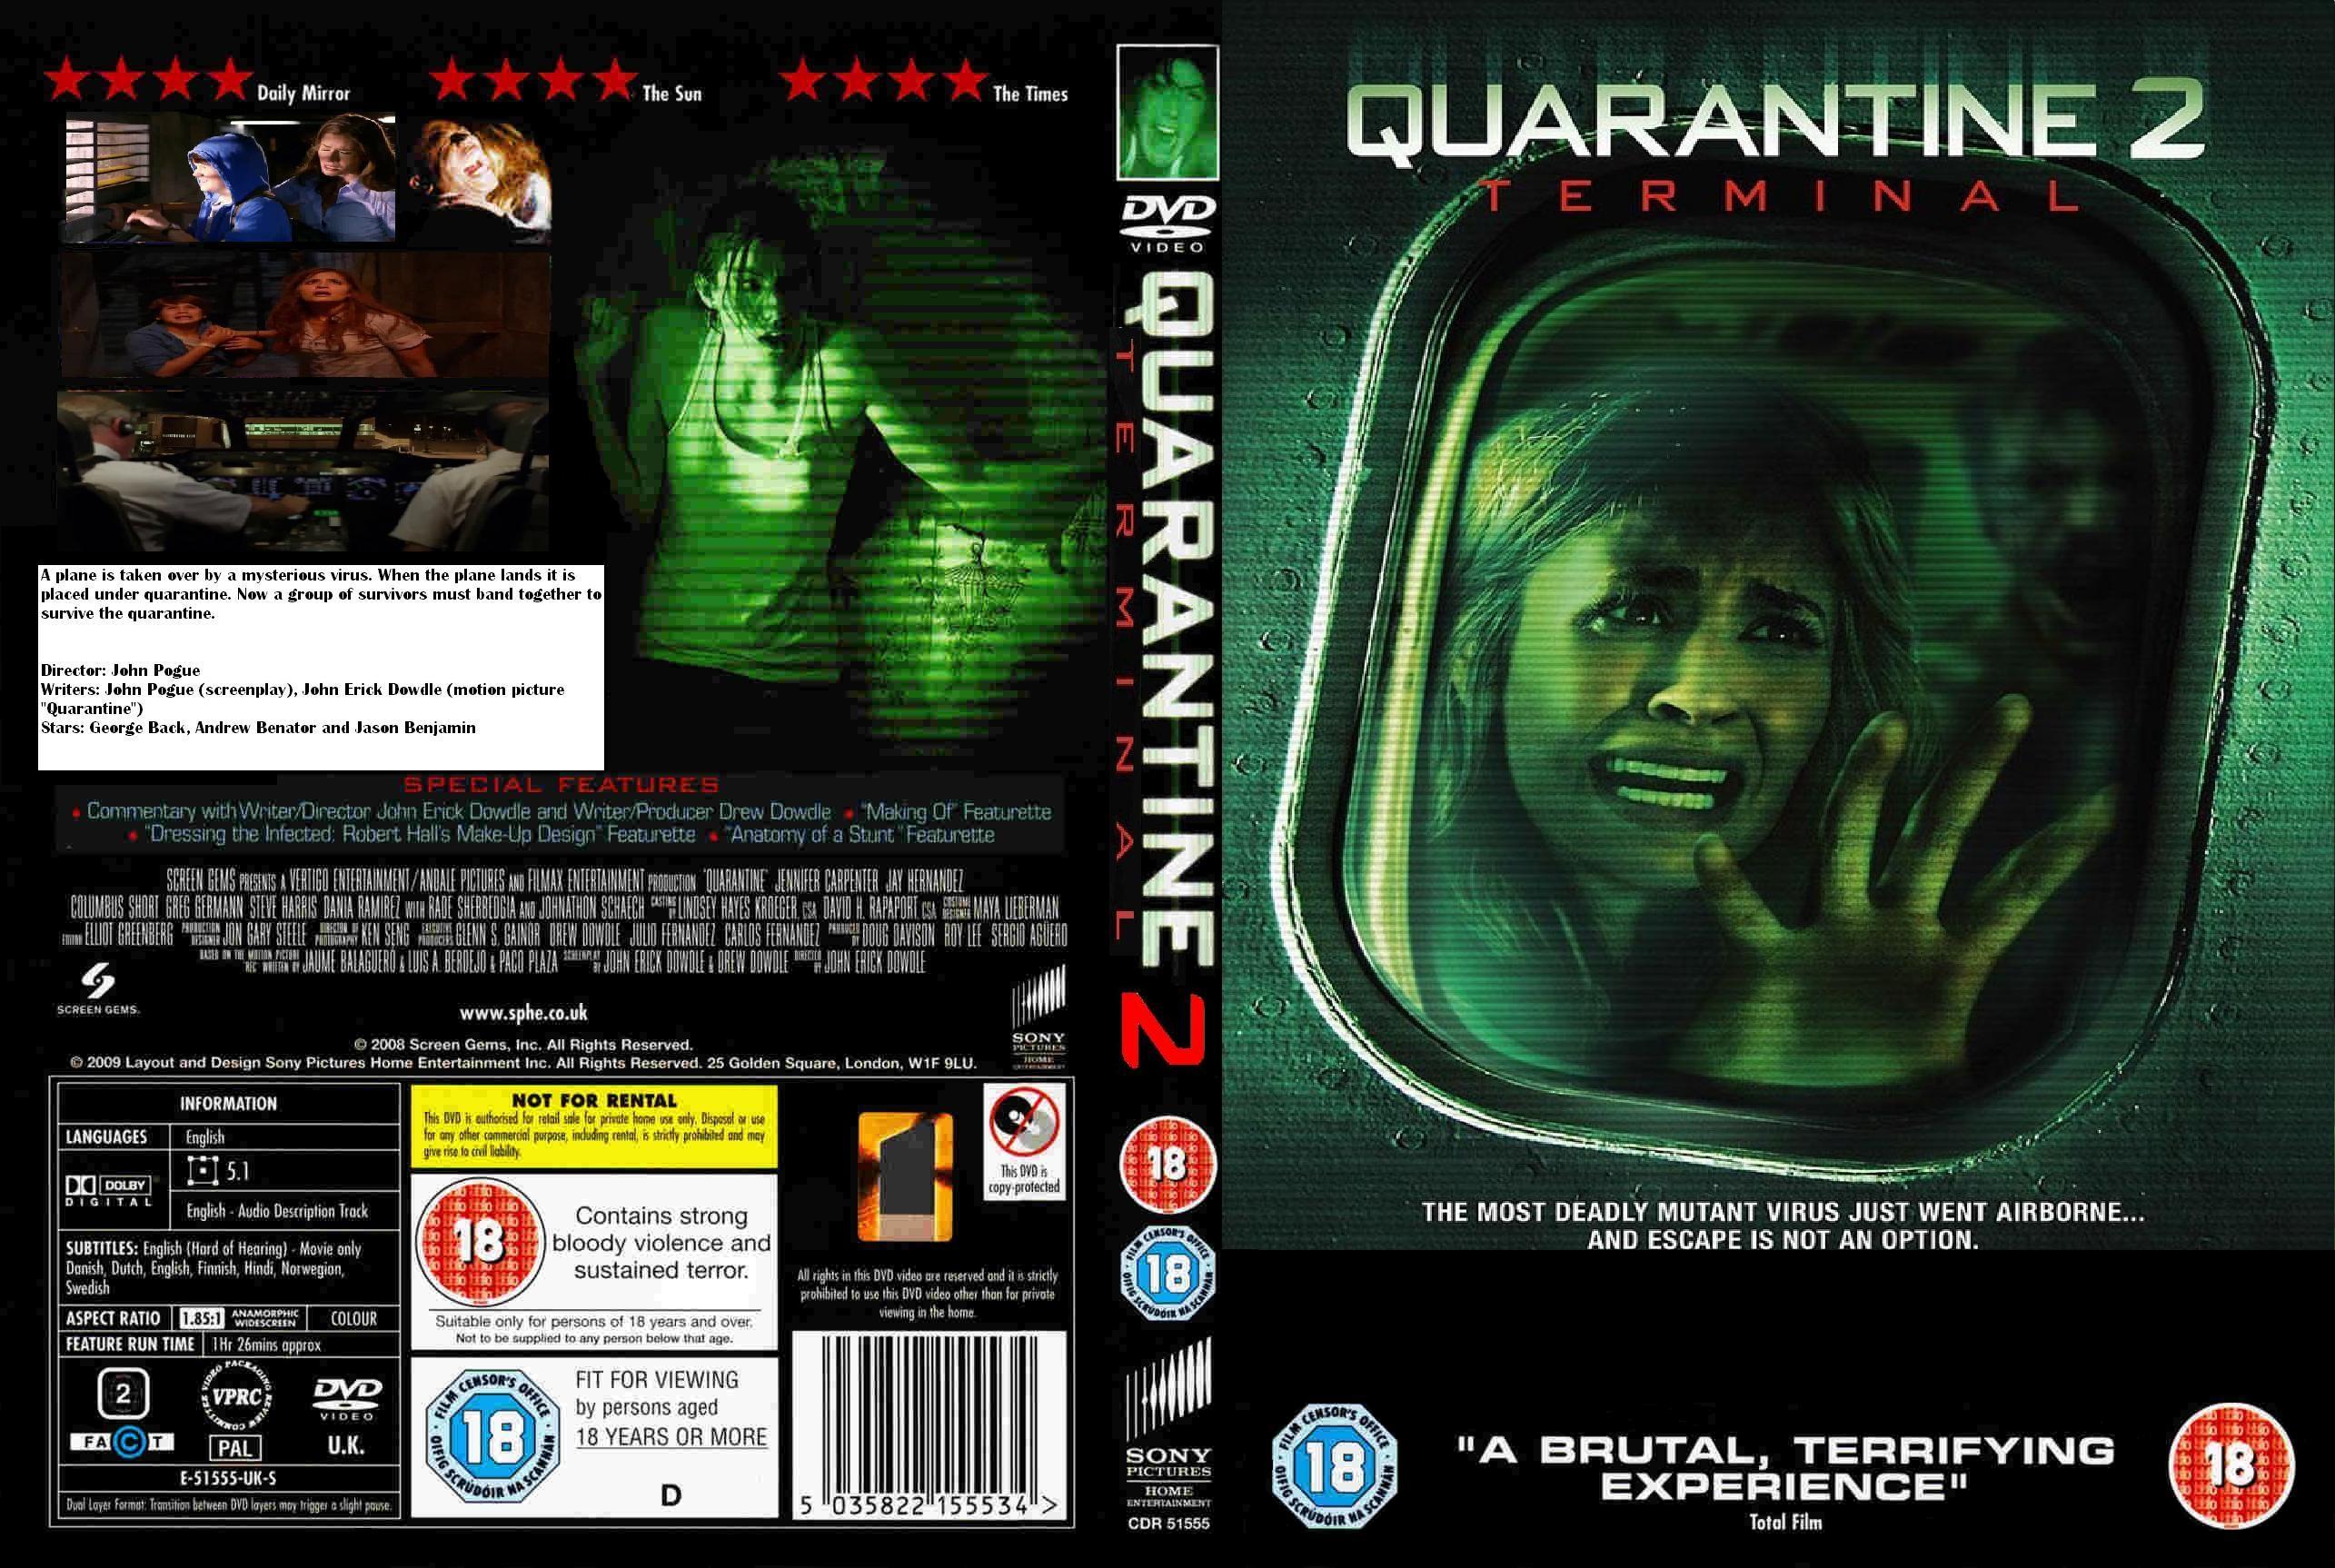 quarantine 2 terminal full movie download